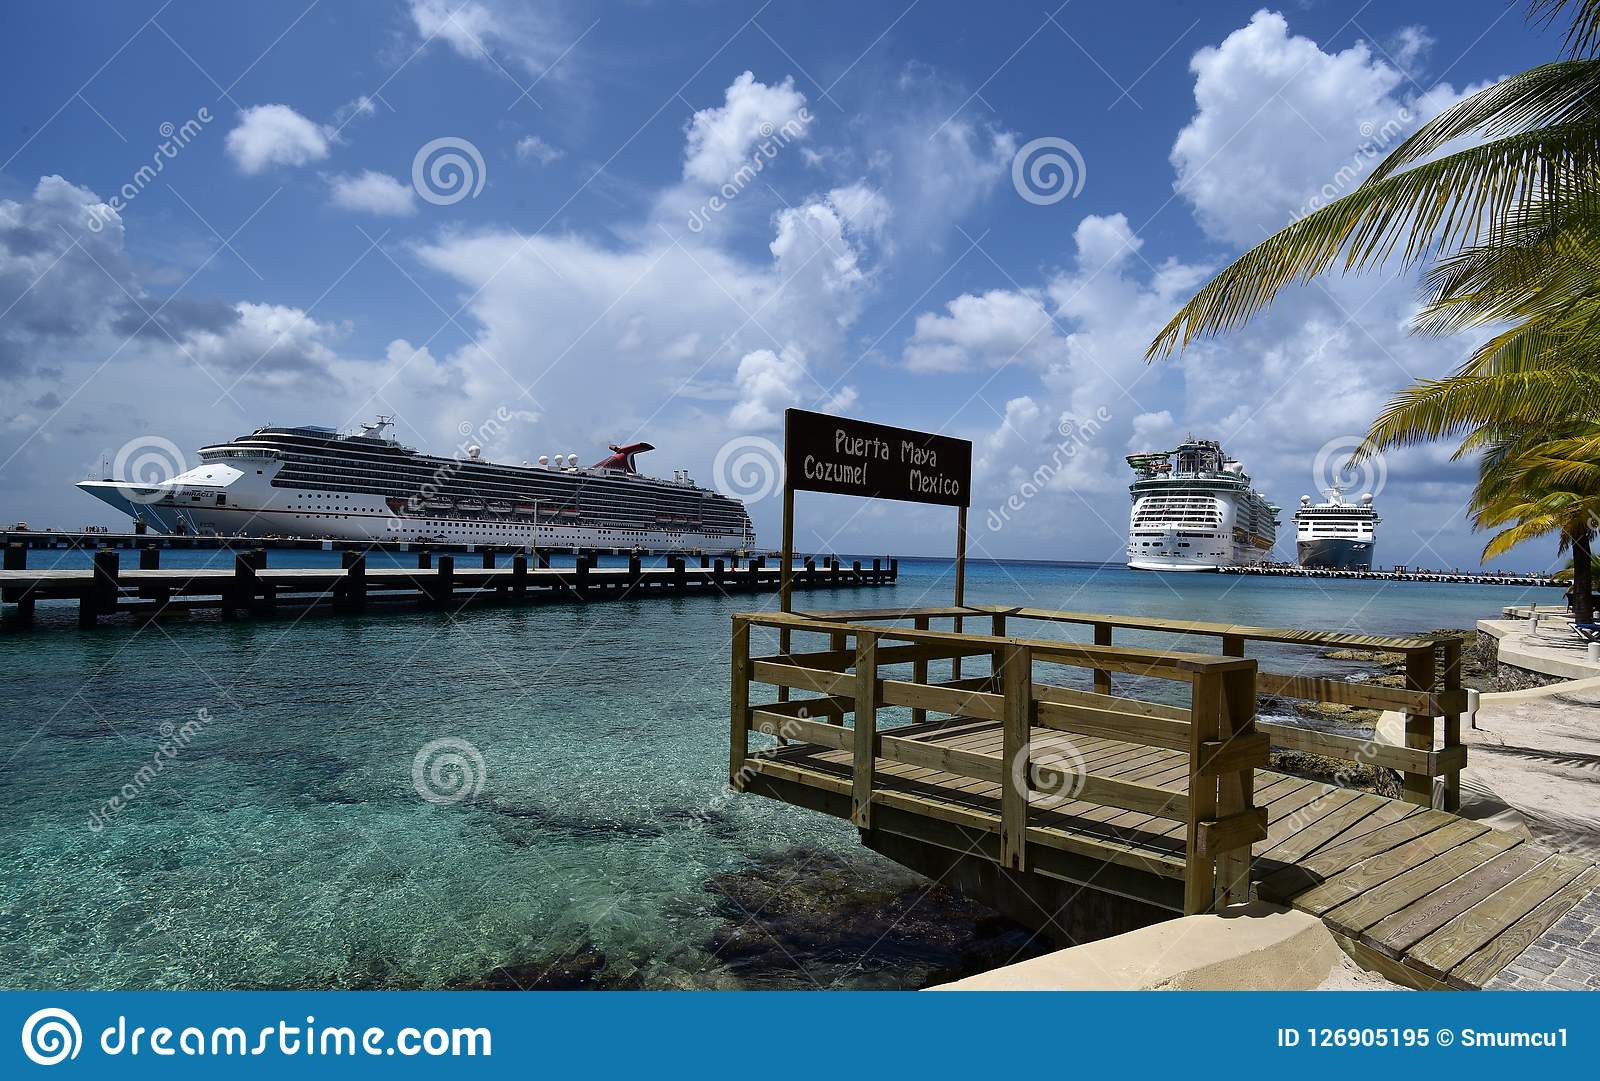 Tre navi da crociera in Cozumel, Messico